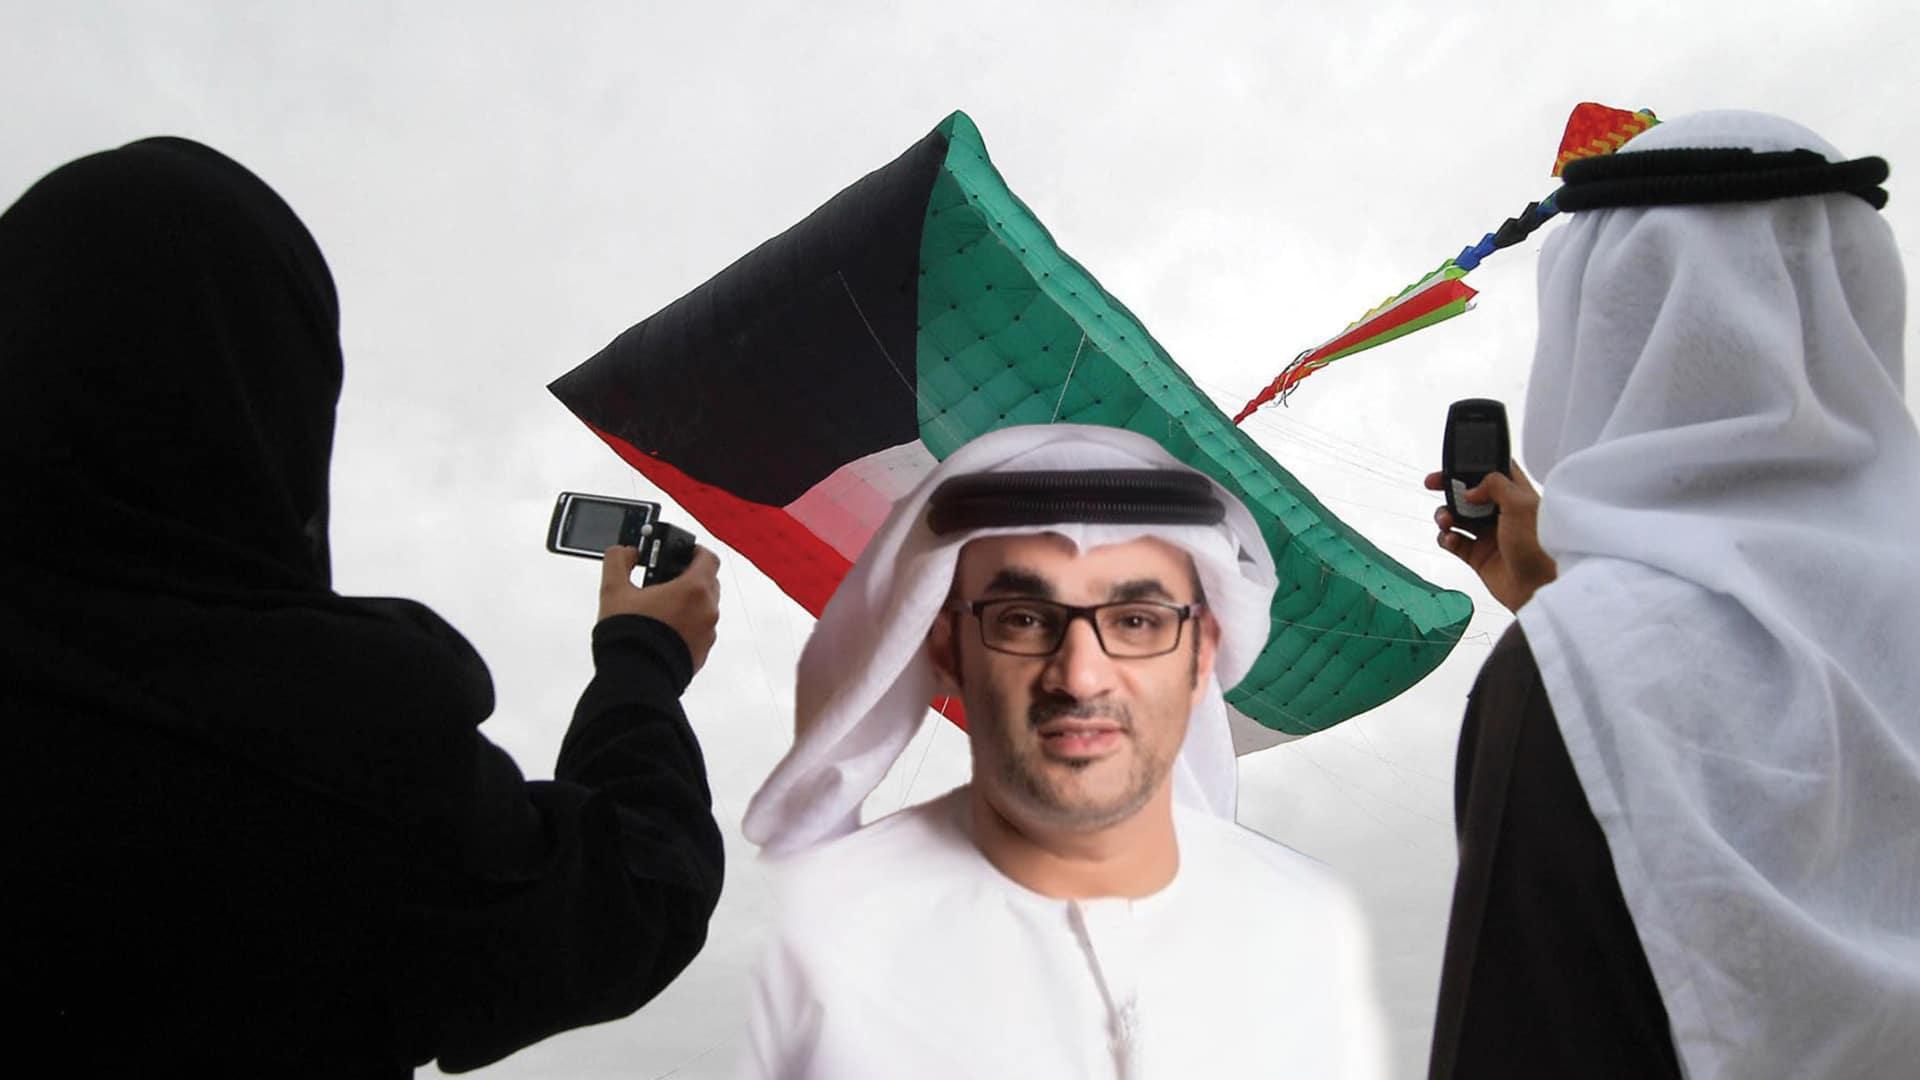 الإماراتي حسين مشربك يدعو لانقلاب في الكويت